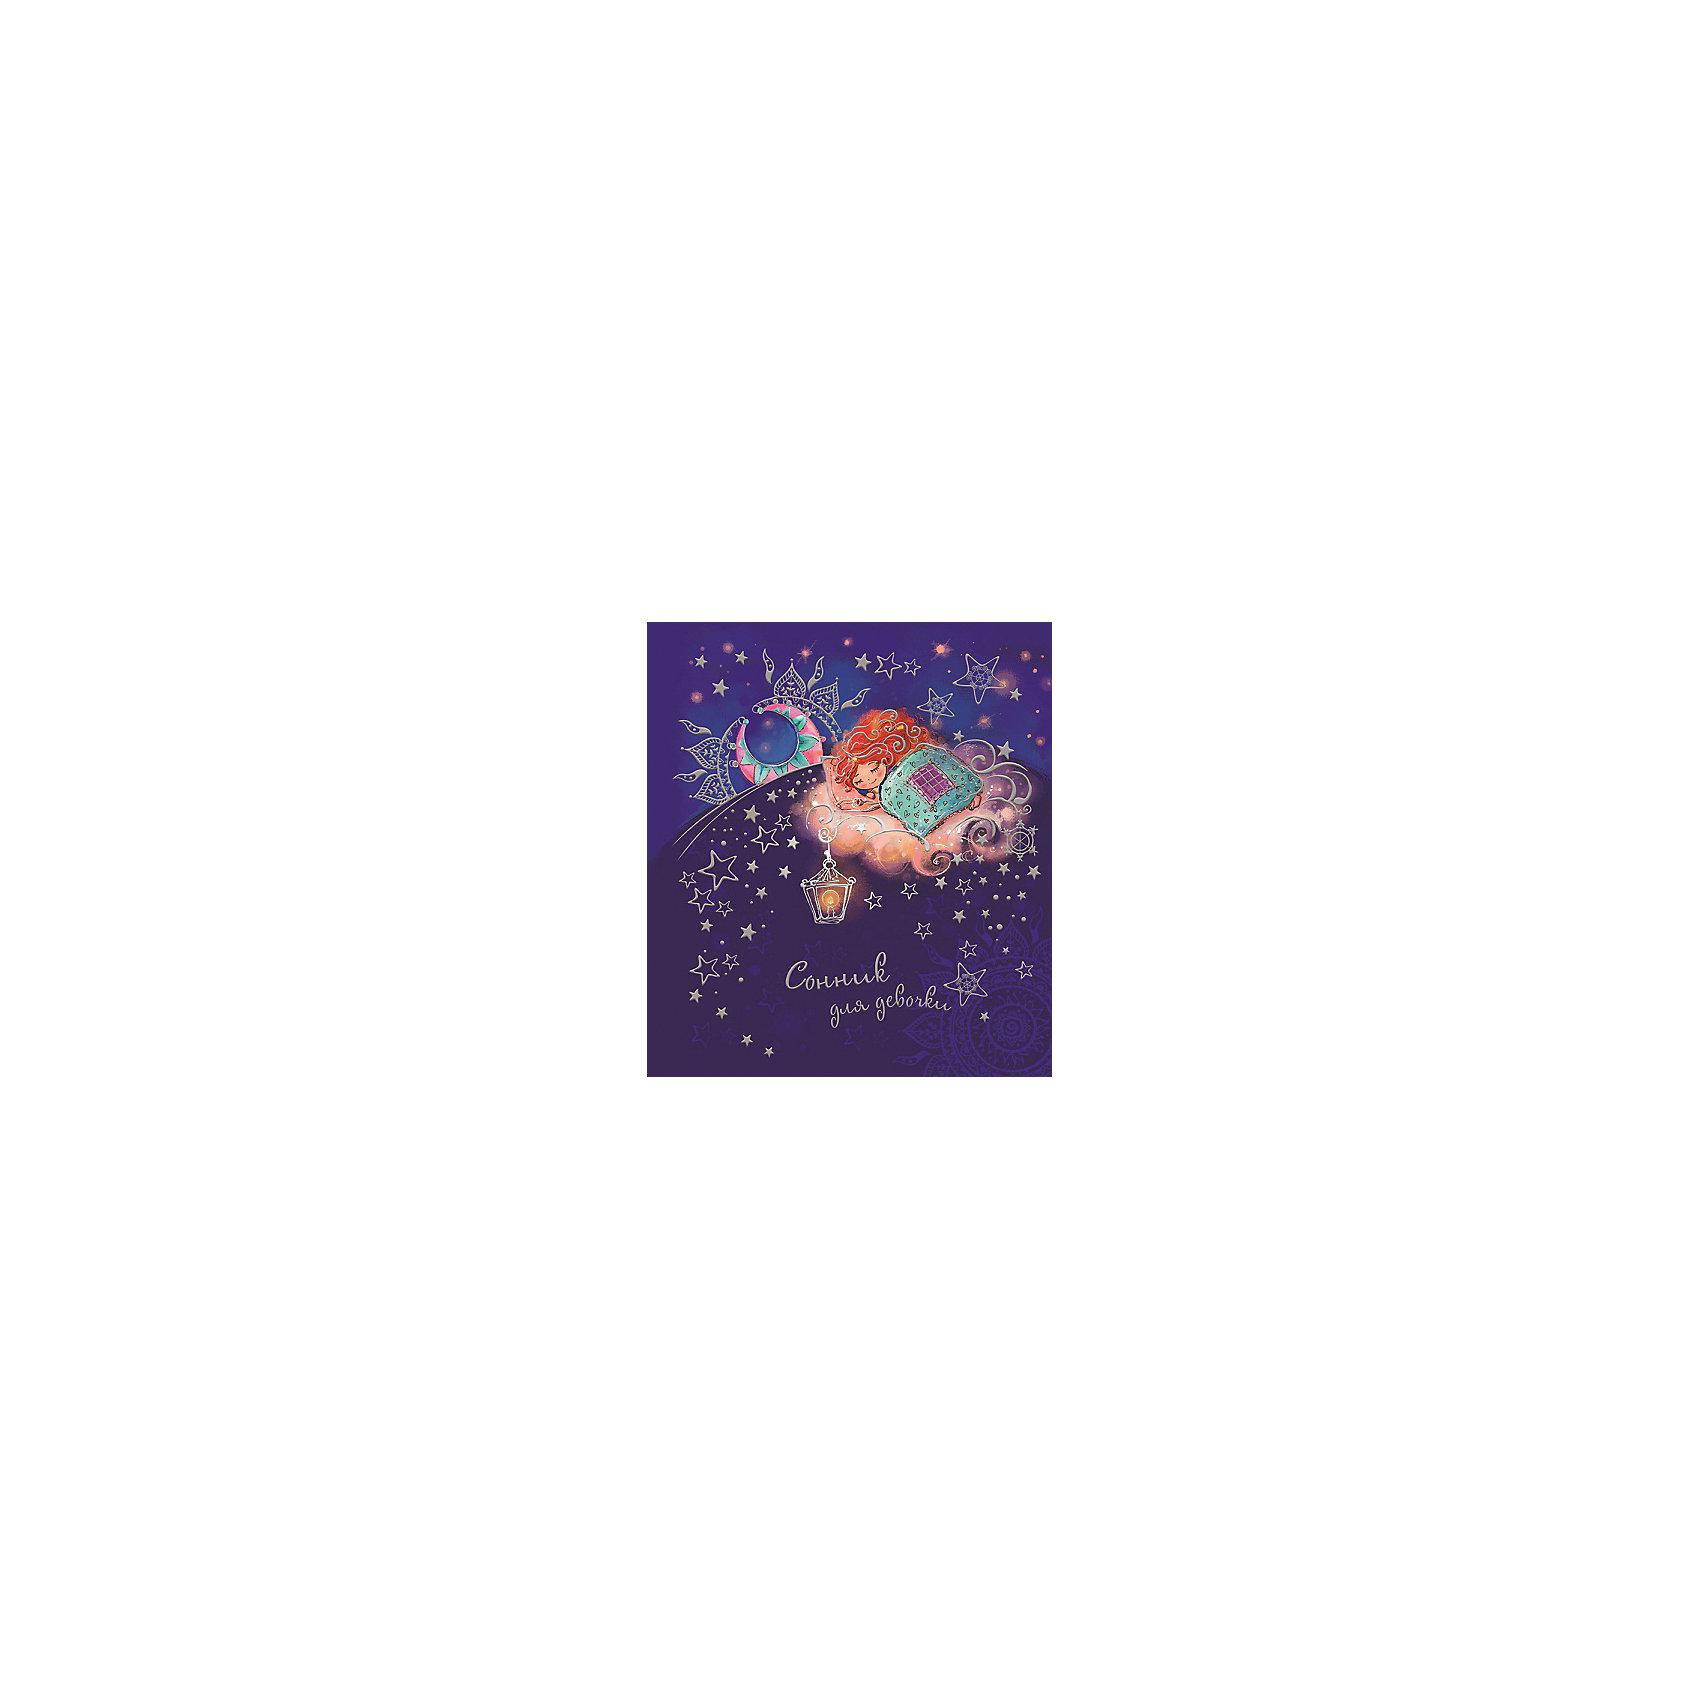 Сонник для девочки Сладкие сныБумажная продукция<br>Прекрасный сонник для юной принцессы! В нем Вы сможете узнать подробное толкование сна малышки.<br><br>Дополнительная информация:<br><br>- Возраст: от 6 лет.<br>- Издательство: Феникс.<br>- 256 страниц.<br>- Год издания: 2014 г.<br>- Переплет: твердый.<br>- Материал: картон, бумага.<br>- Формат: А6.<br>- ISBN: 4606008339140<br>- Размер упаковки: 17х14,5х1,5 см.<br>- Вес в упаковке: 276 г. <br><br>Купить сонник для девочки Сладкие сны можно в нашем магазине.<br><br>Ширина мм: 170<br>Глубина мм: 145<br>Высота мм: 15<br>Вес г: 276<br>Возраст от месяцев: 72<br>Возраст до месяцев: 2147483647<br>Пол: Женский<br>Возраст: Детский<br>SKU: 4943625